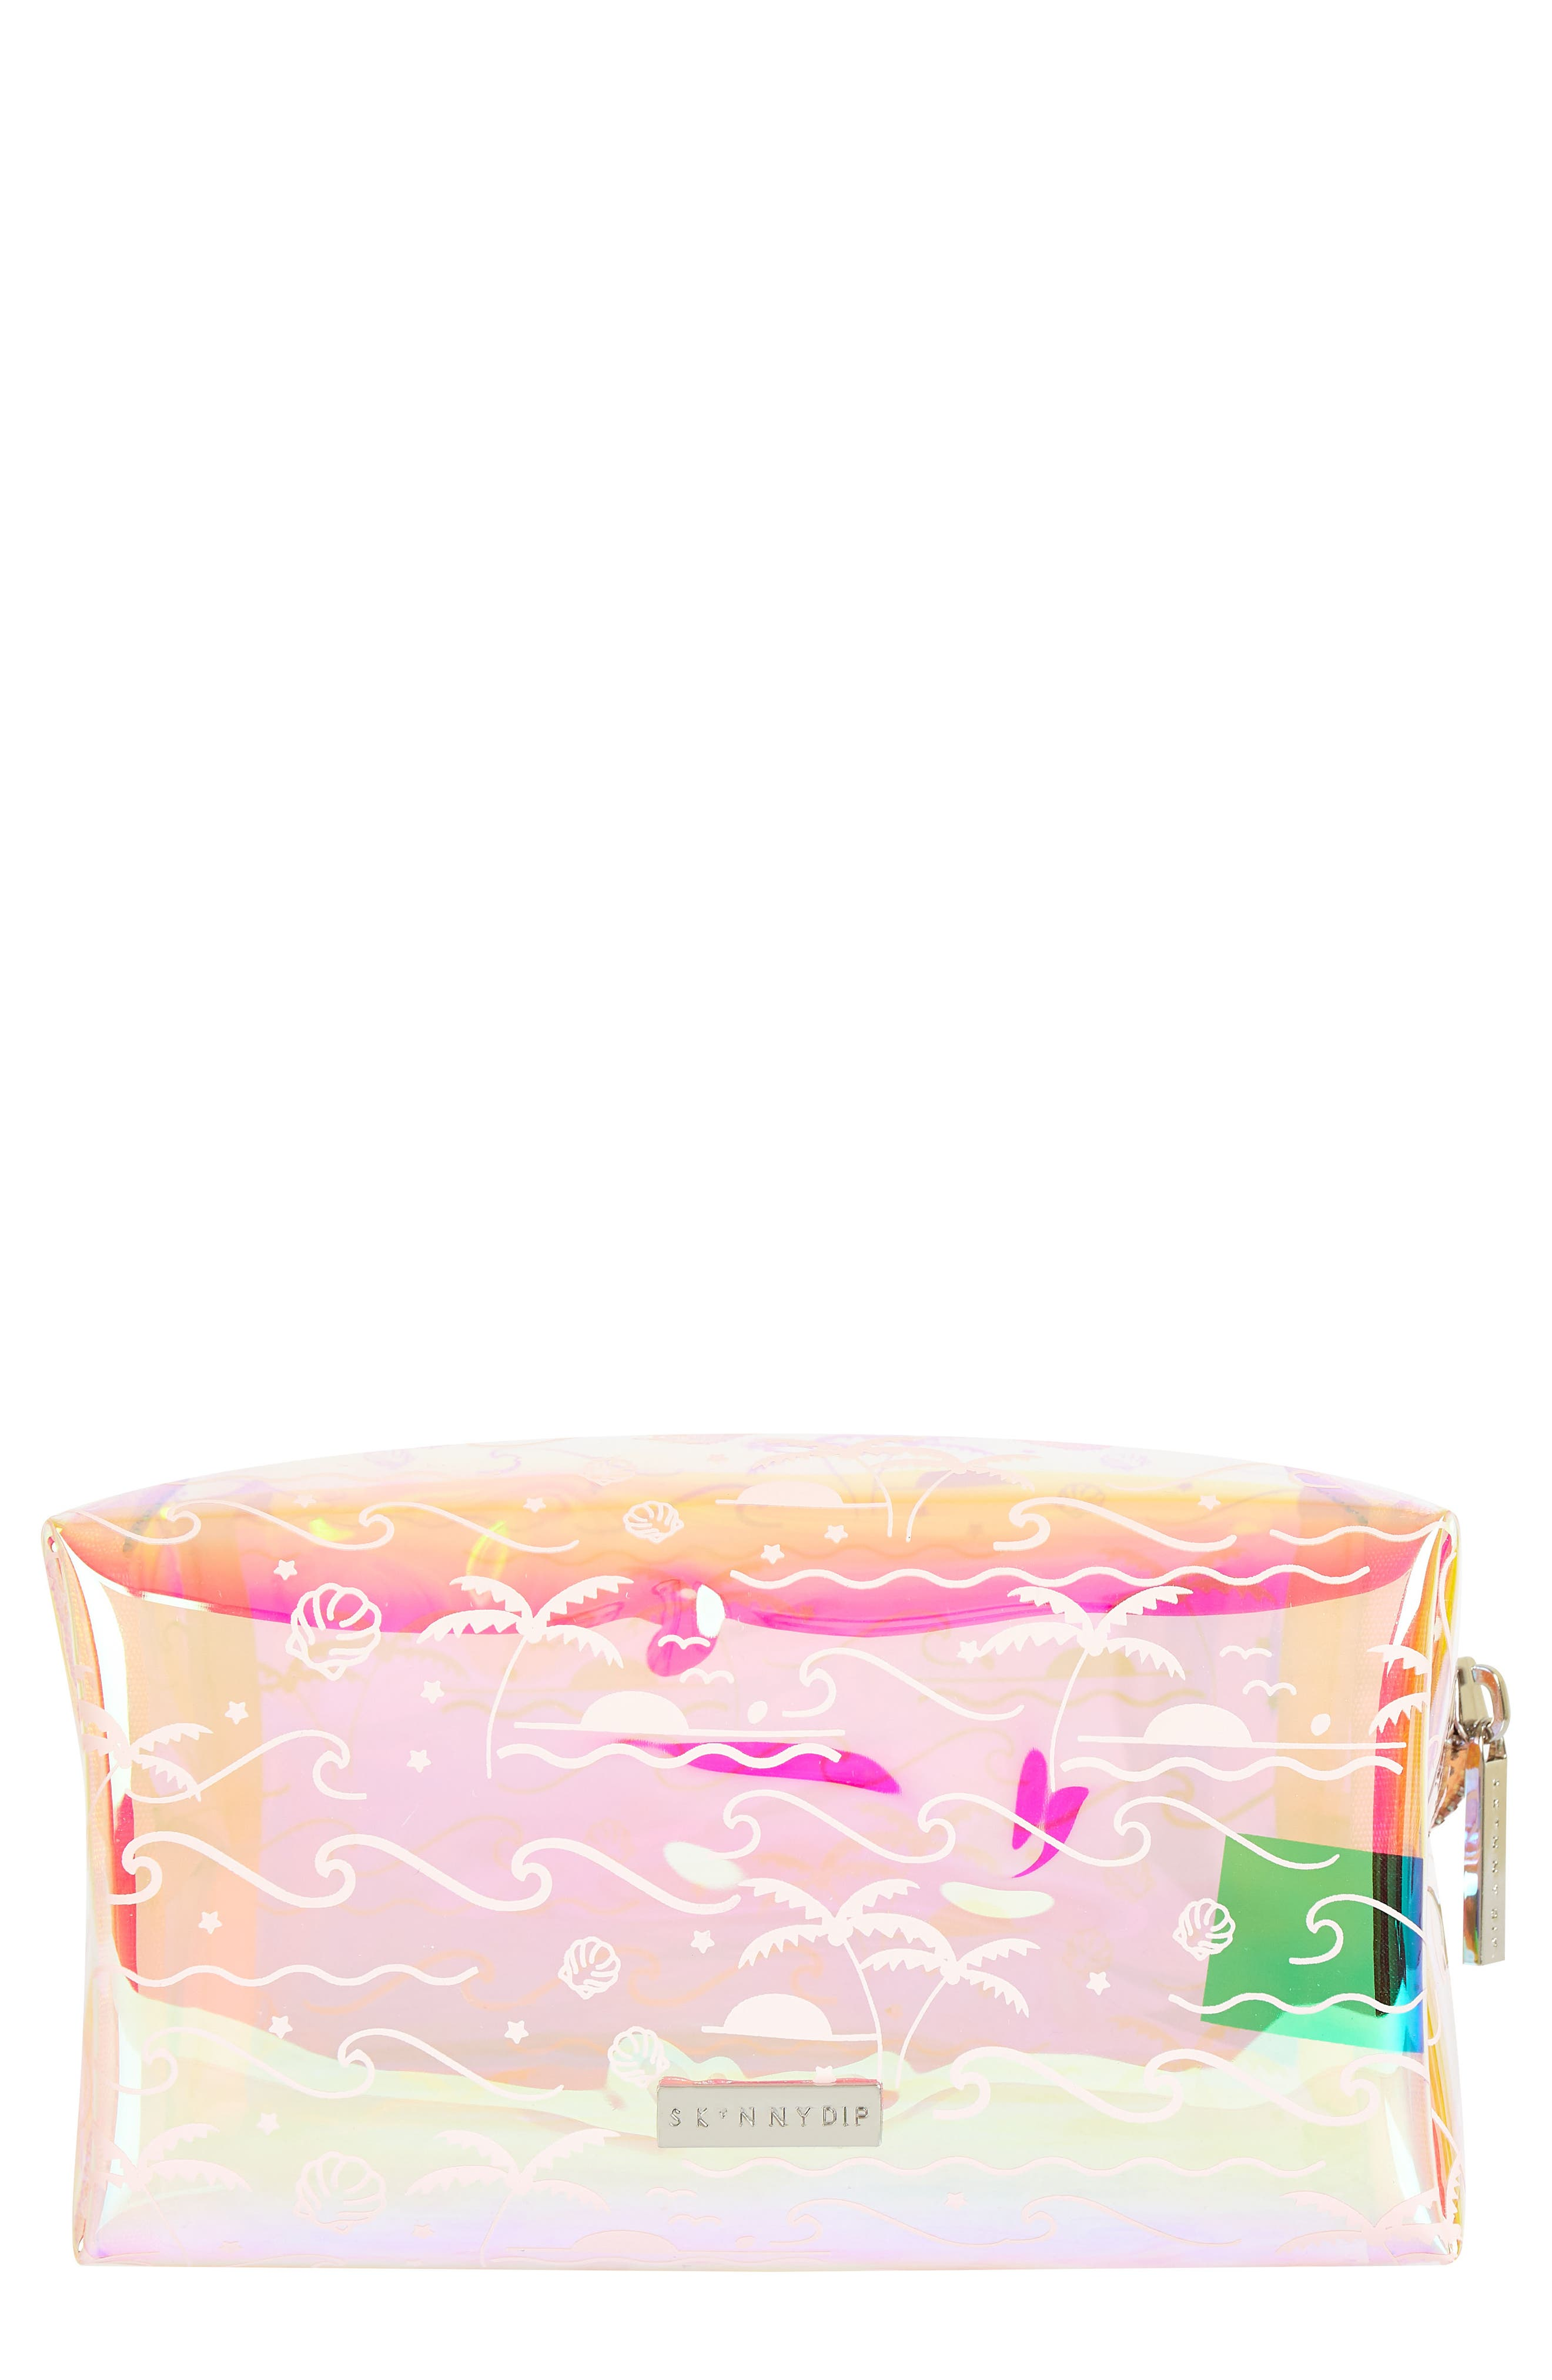 Skinny Dip Ocean Breeze Makeup Bag,                         Main,                         color, 000